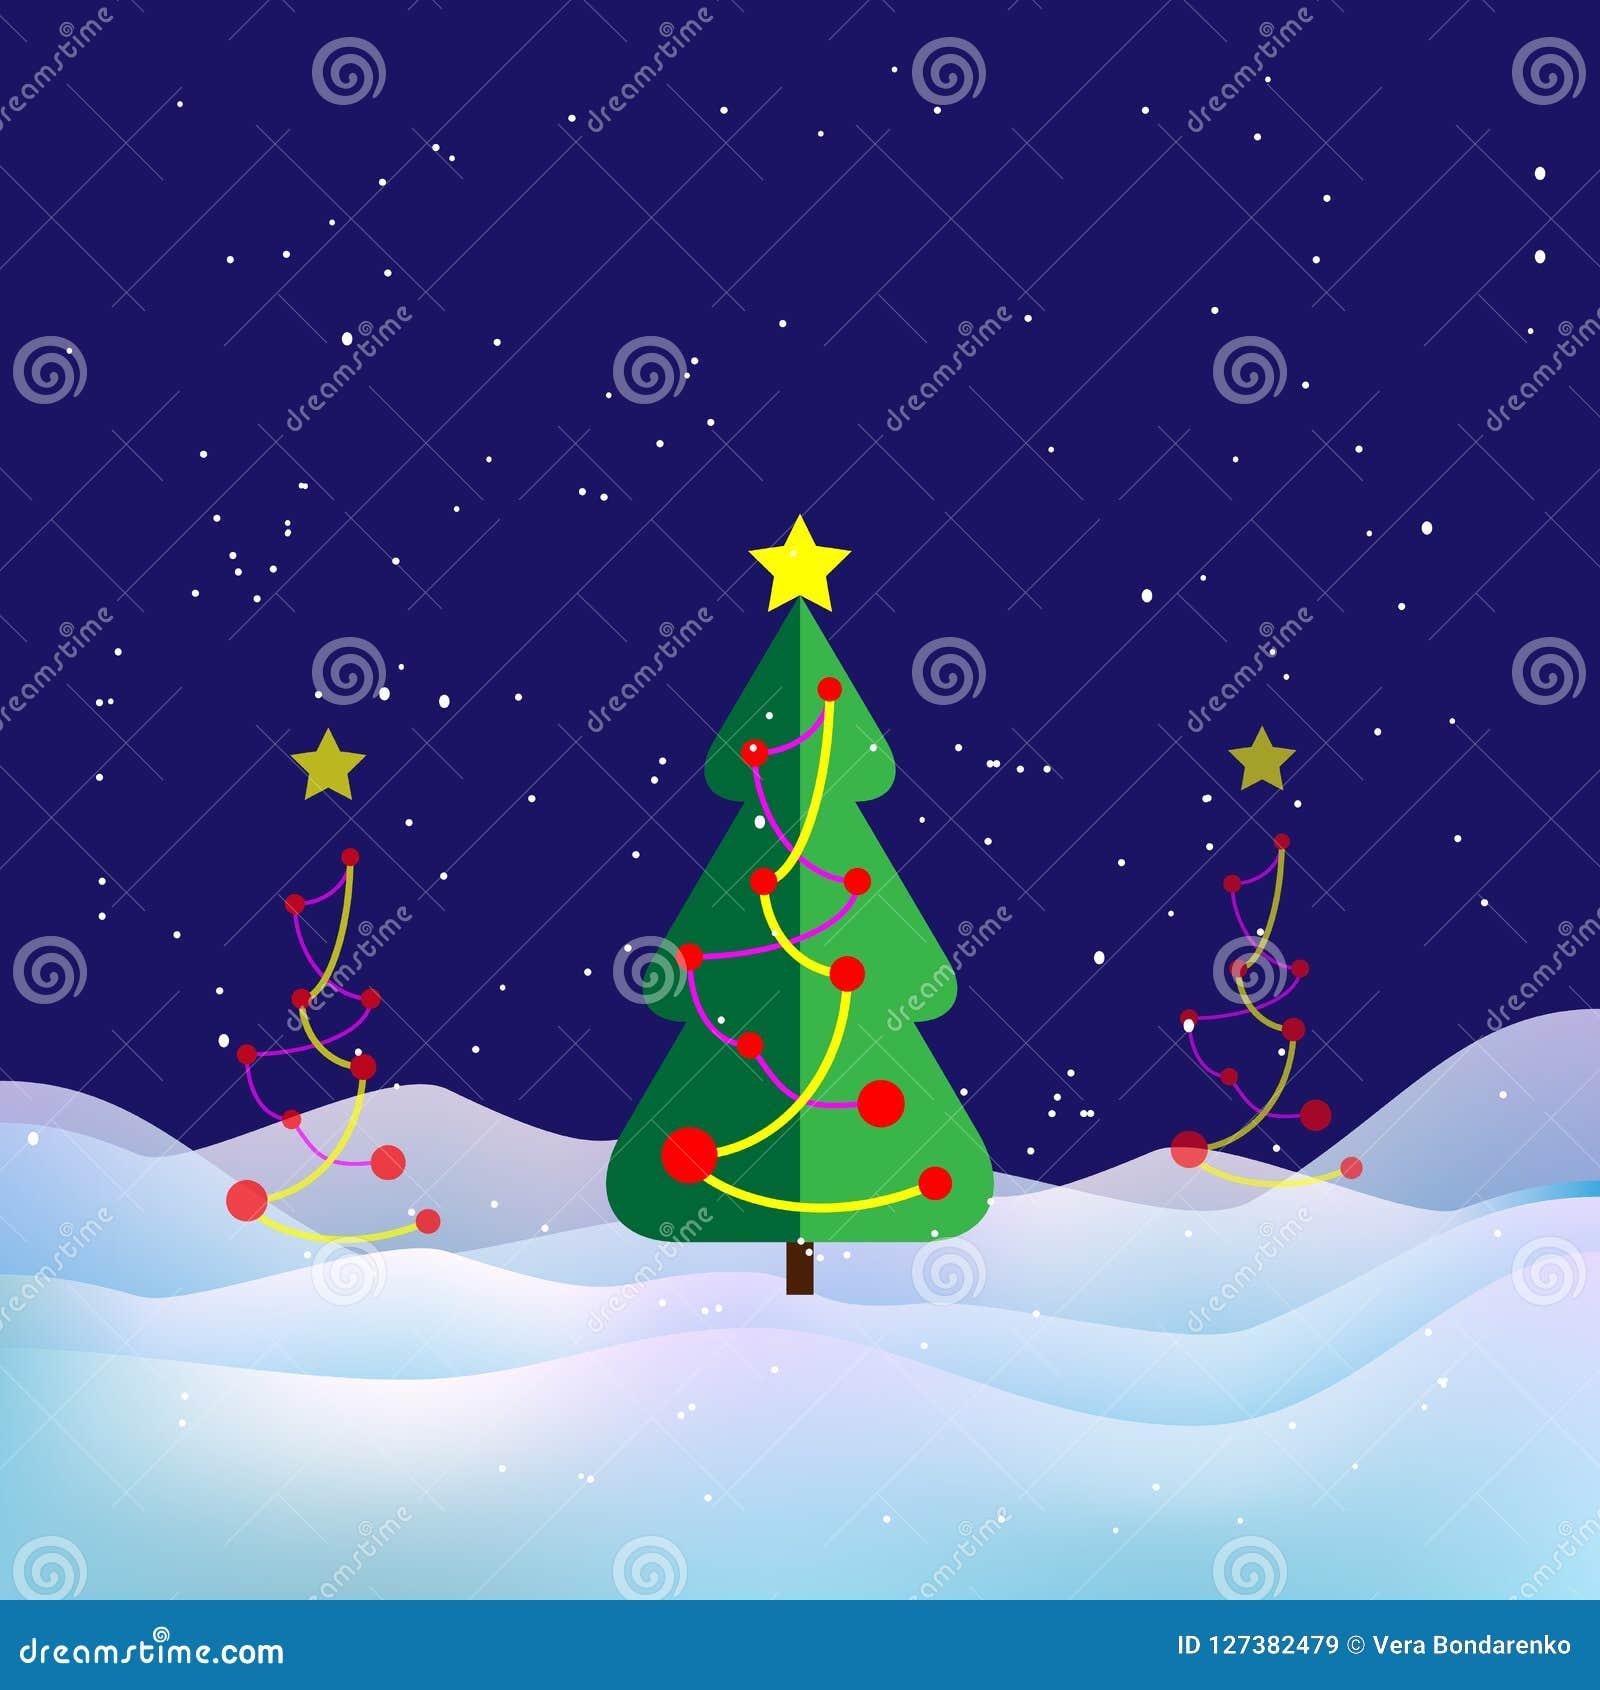 För ligganderussia för 33c januari ural vinter temperatur Xmas-träd, snö och snödrivor